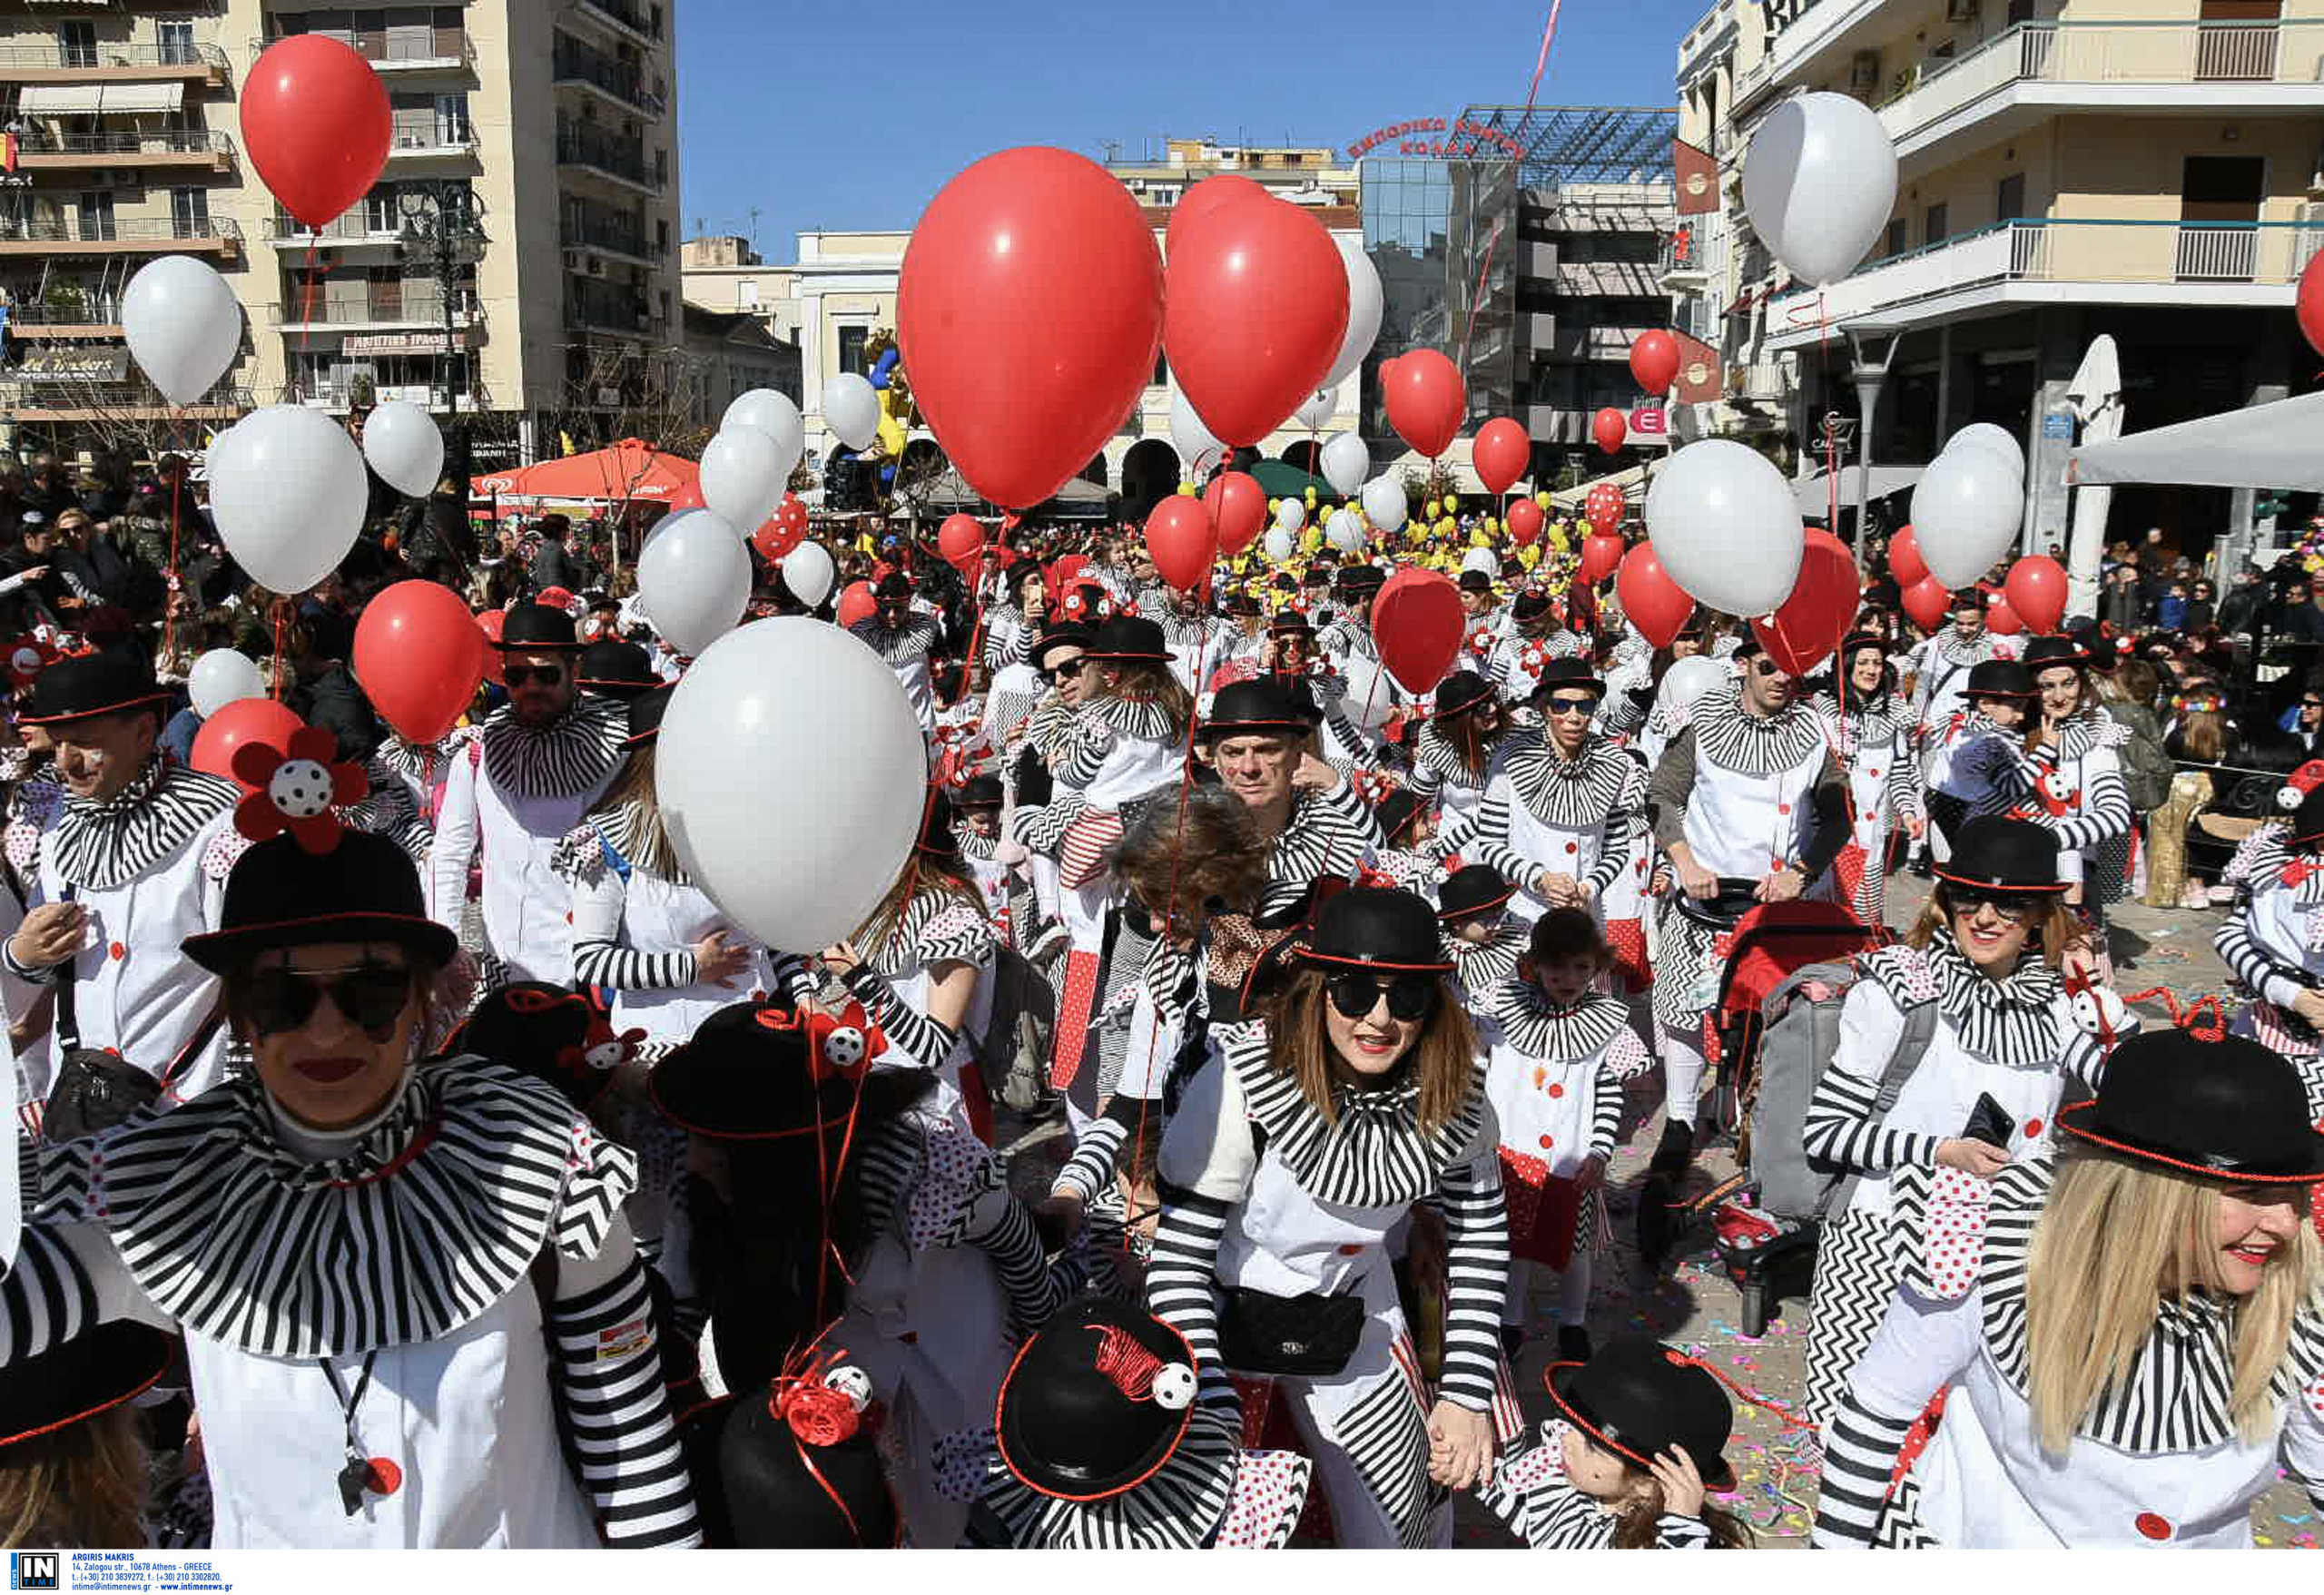 Το απόγευμα οι τελικές αποφάσεις για το Πατρινό Καρναβάλι! Έκτακτη συνεδρίαση του δημοτικού συμβουλίου